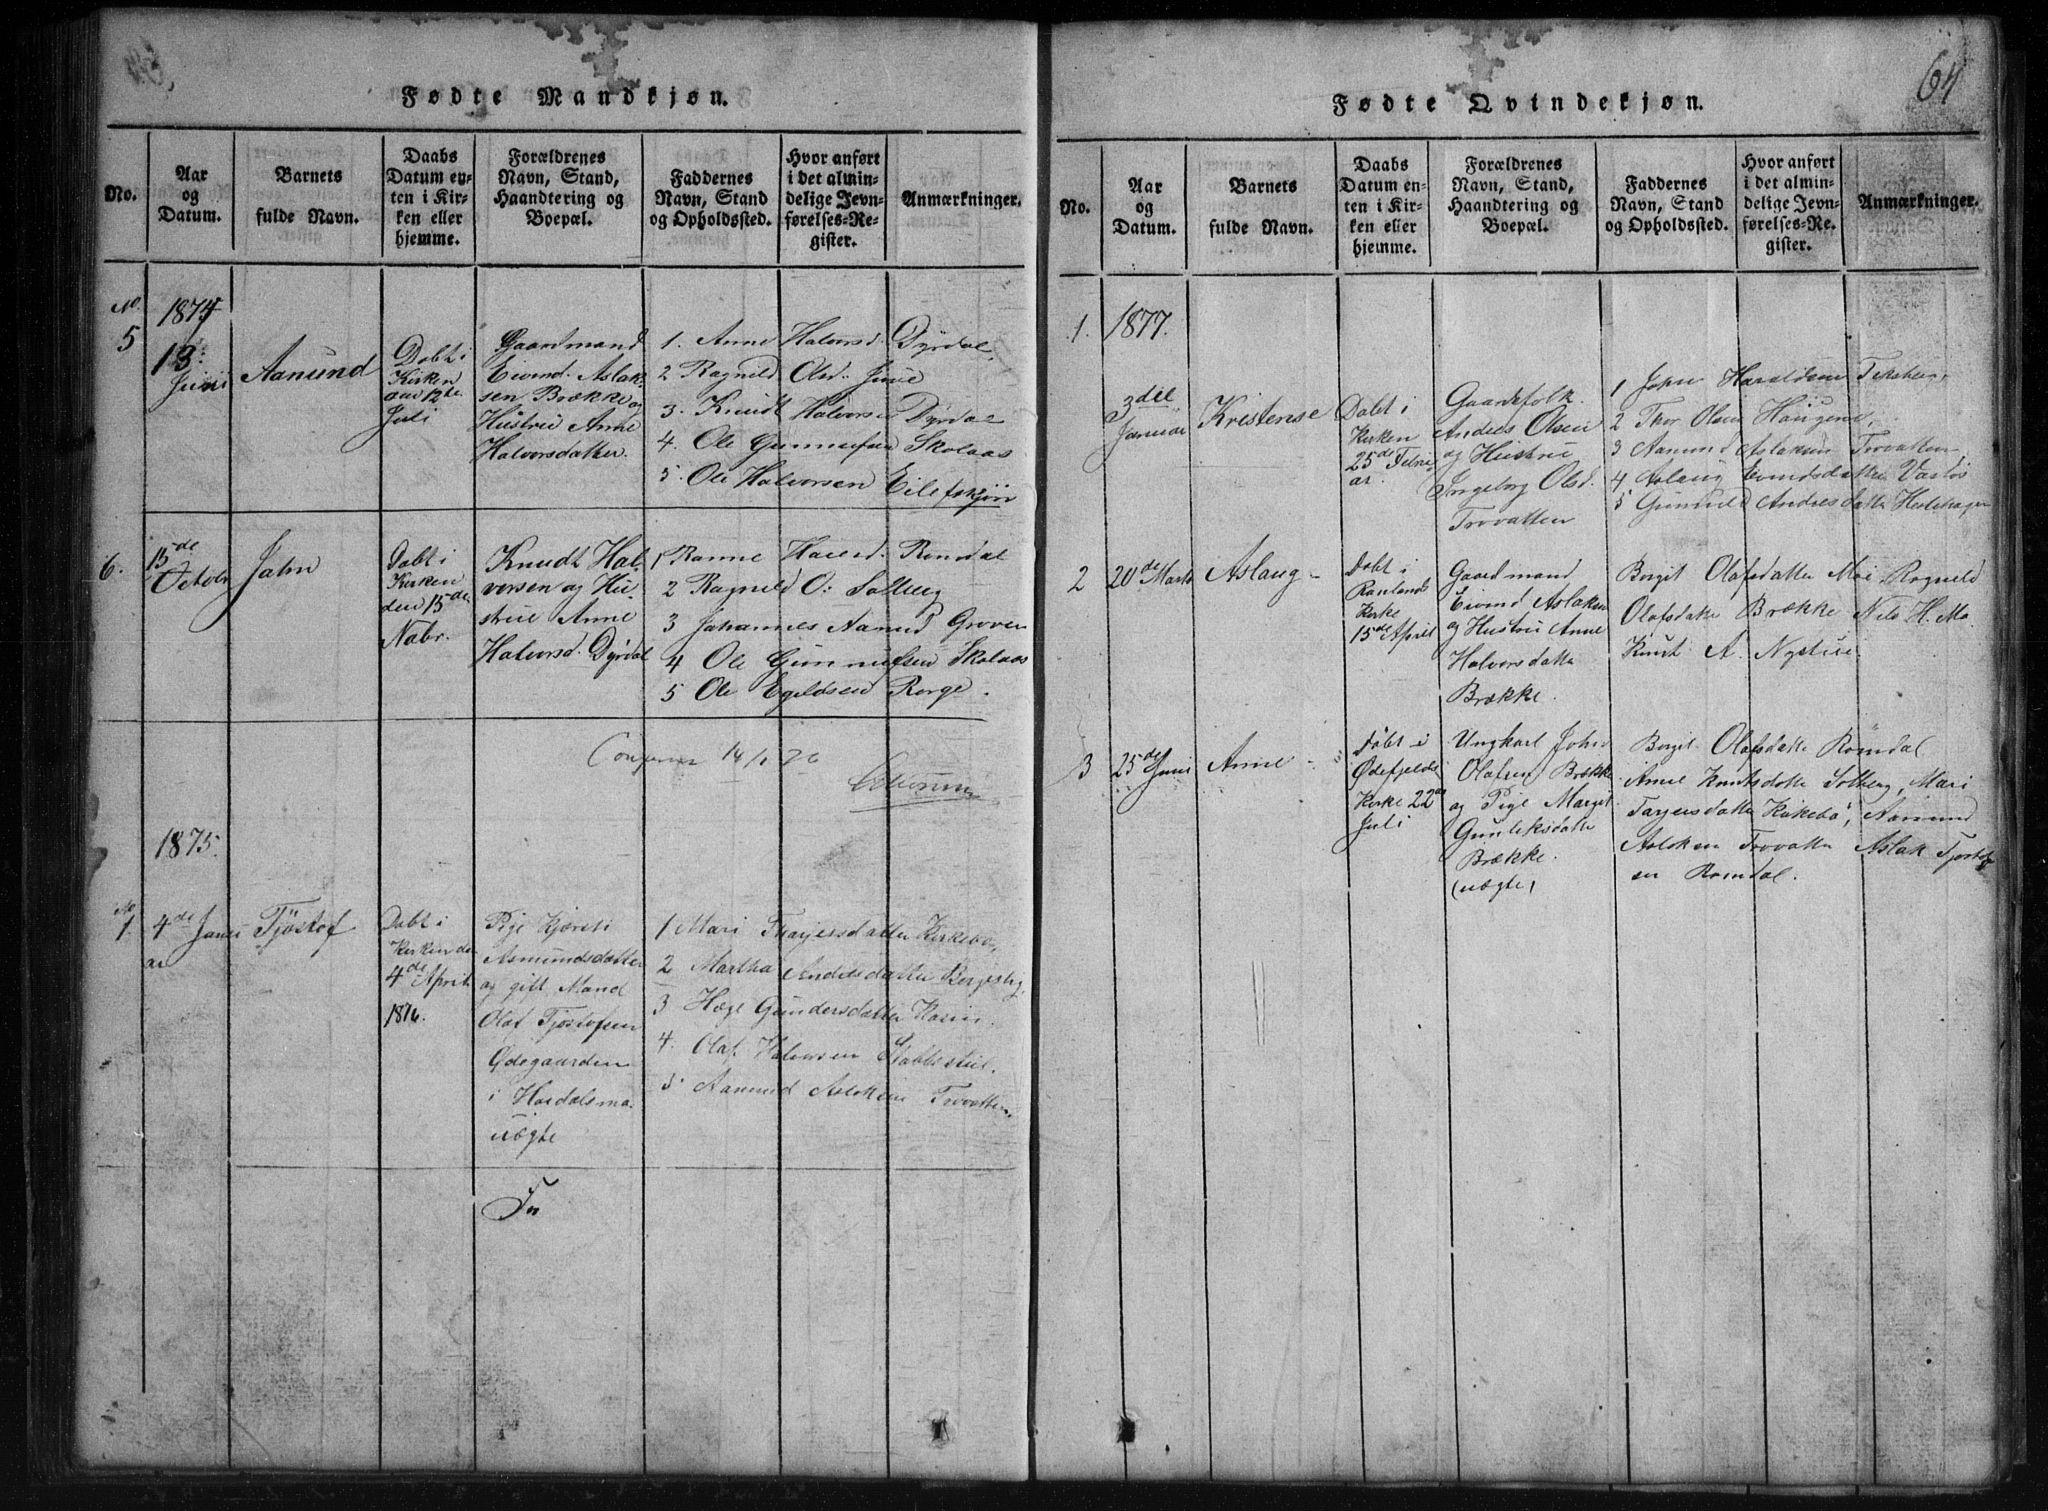 SAKO, Rauland kirkebøker, G/Gb/L0001: Klokkerbok nr. II 1, 1815-1886, s. 64